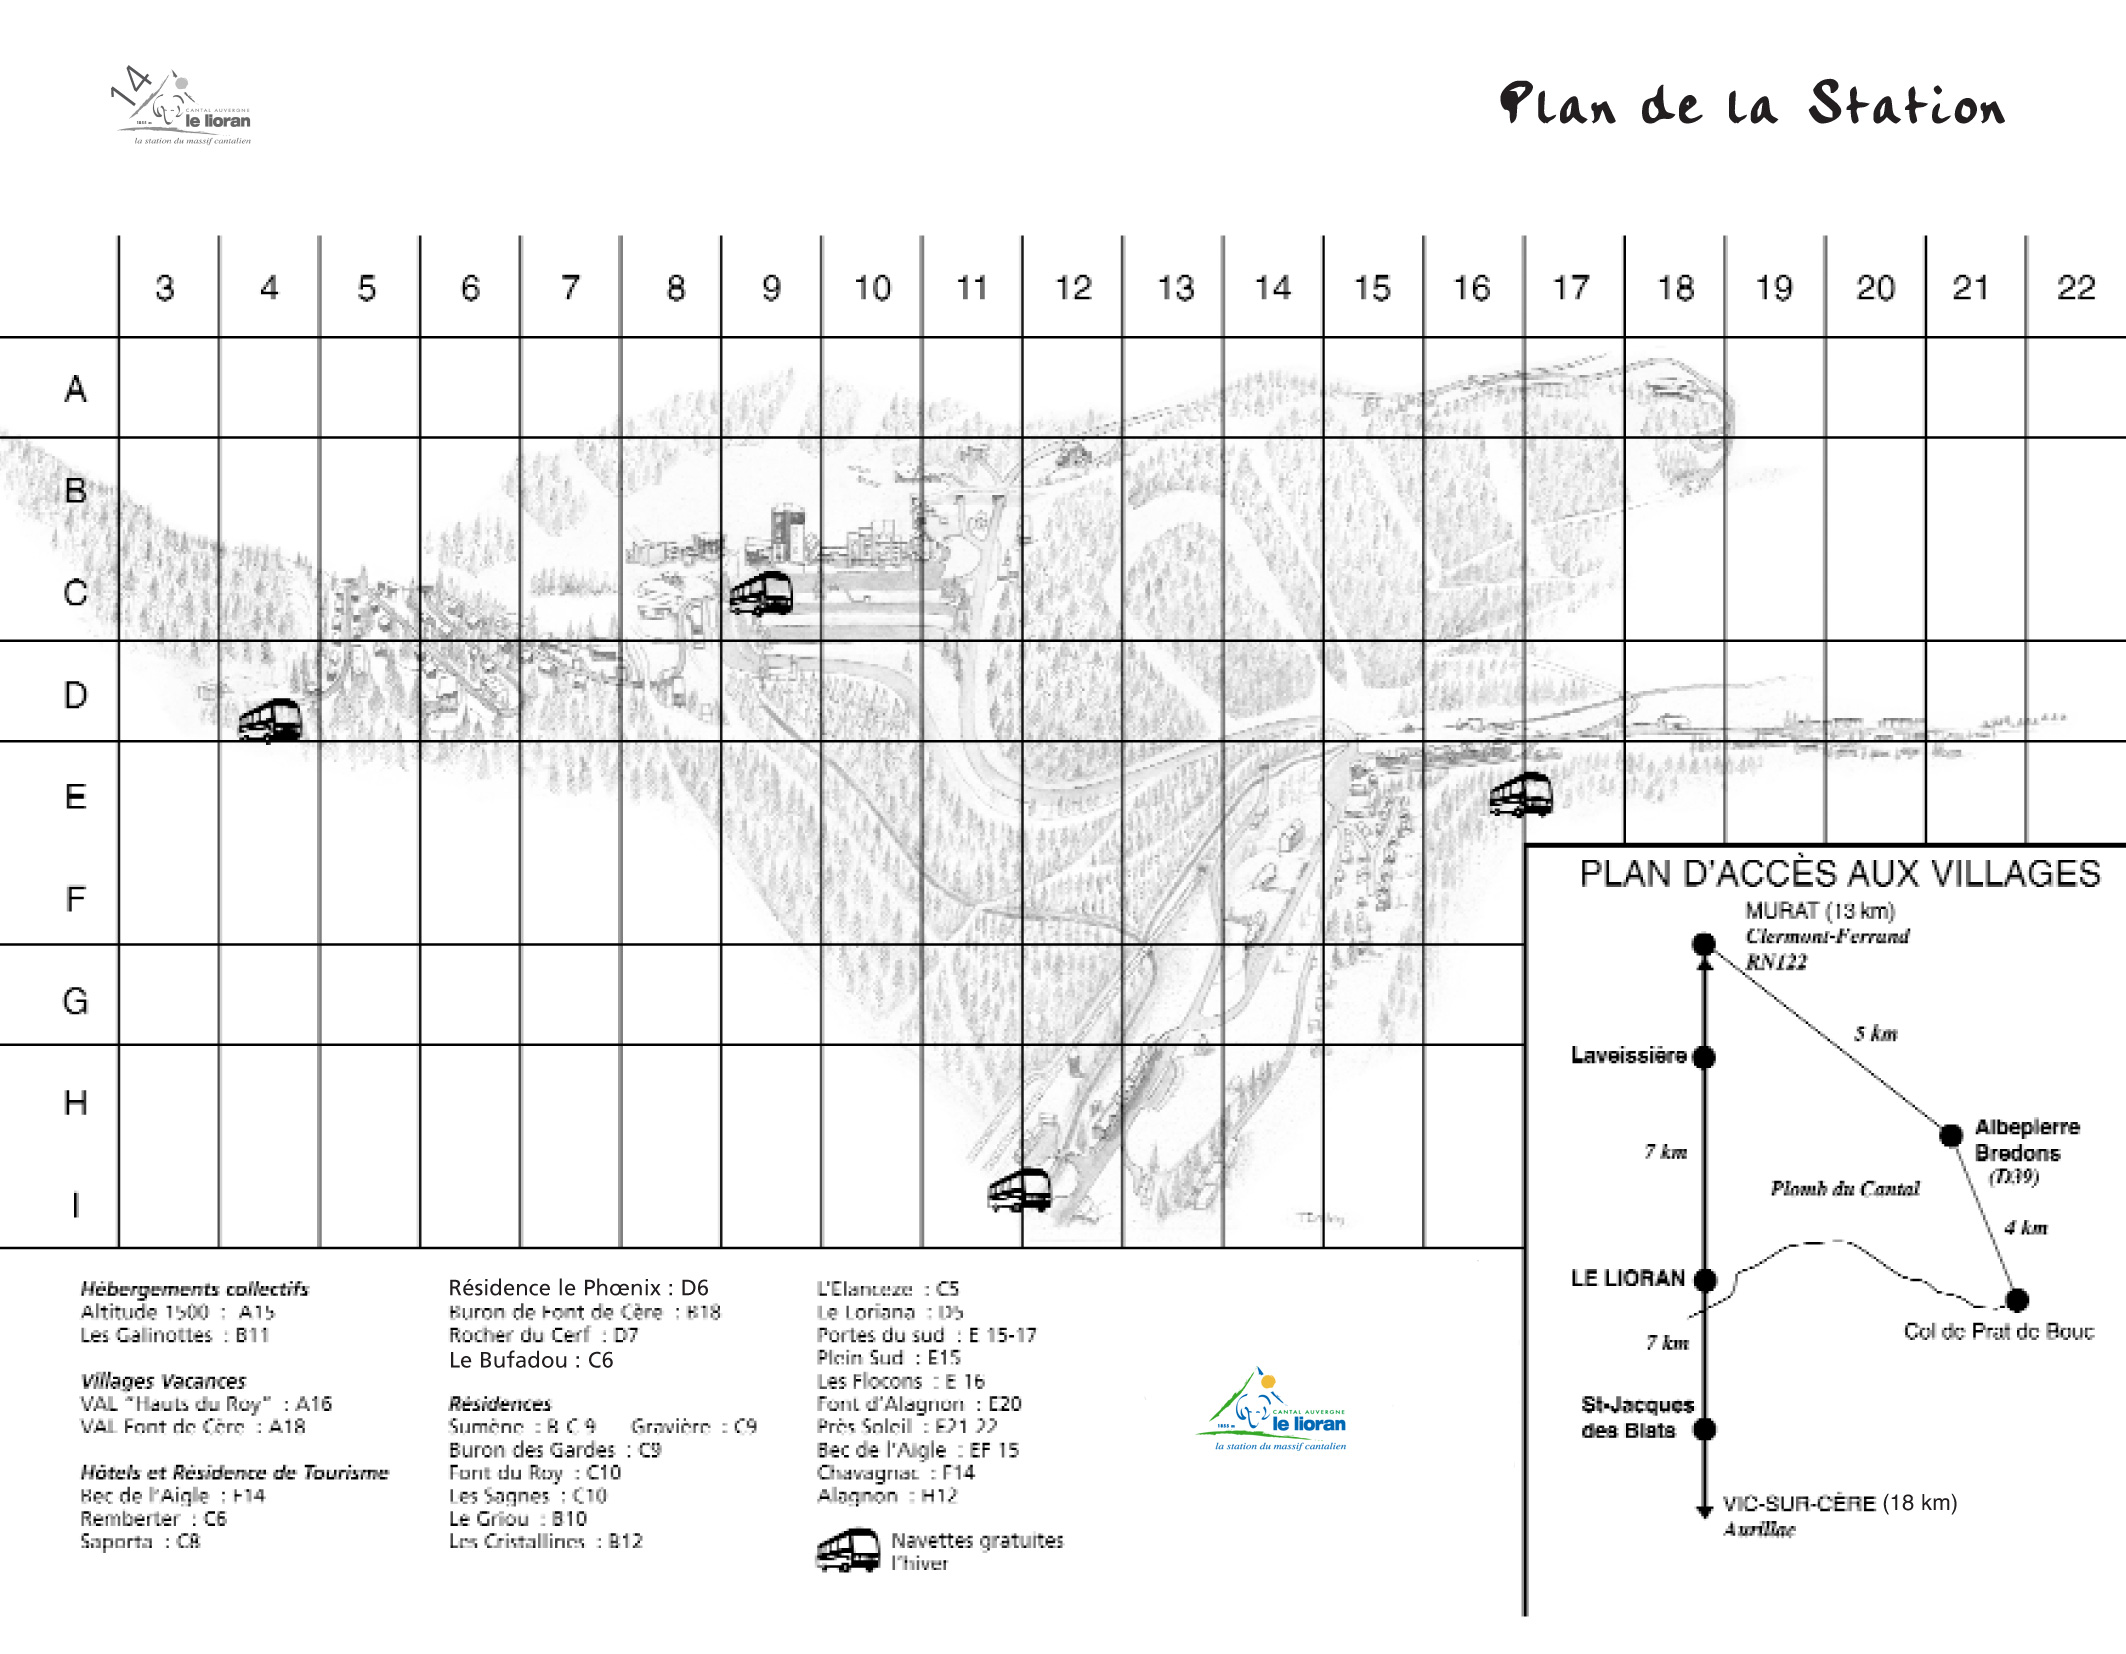 Plan d'accès Le Lioran